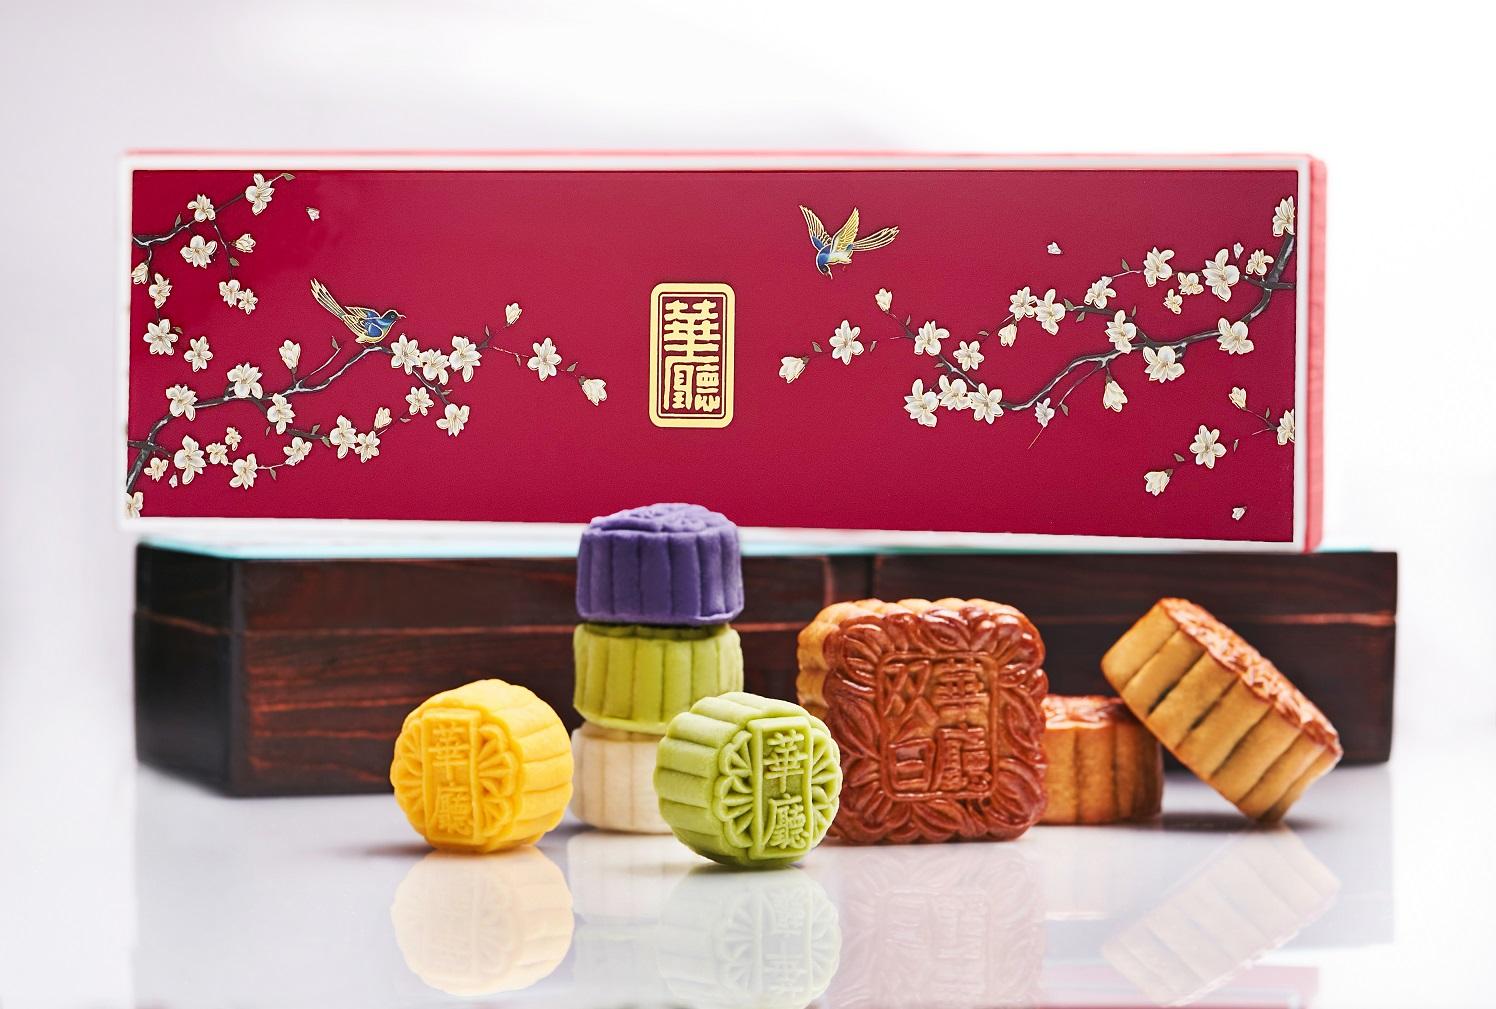 Orchard Hotel Singapore Mooncake box